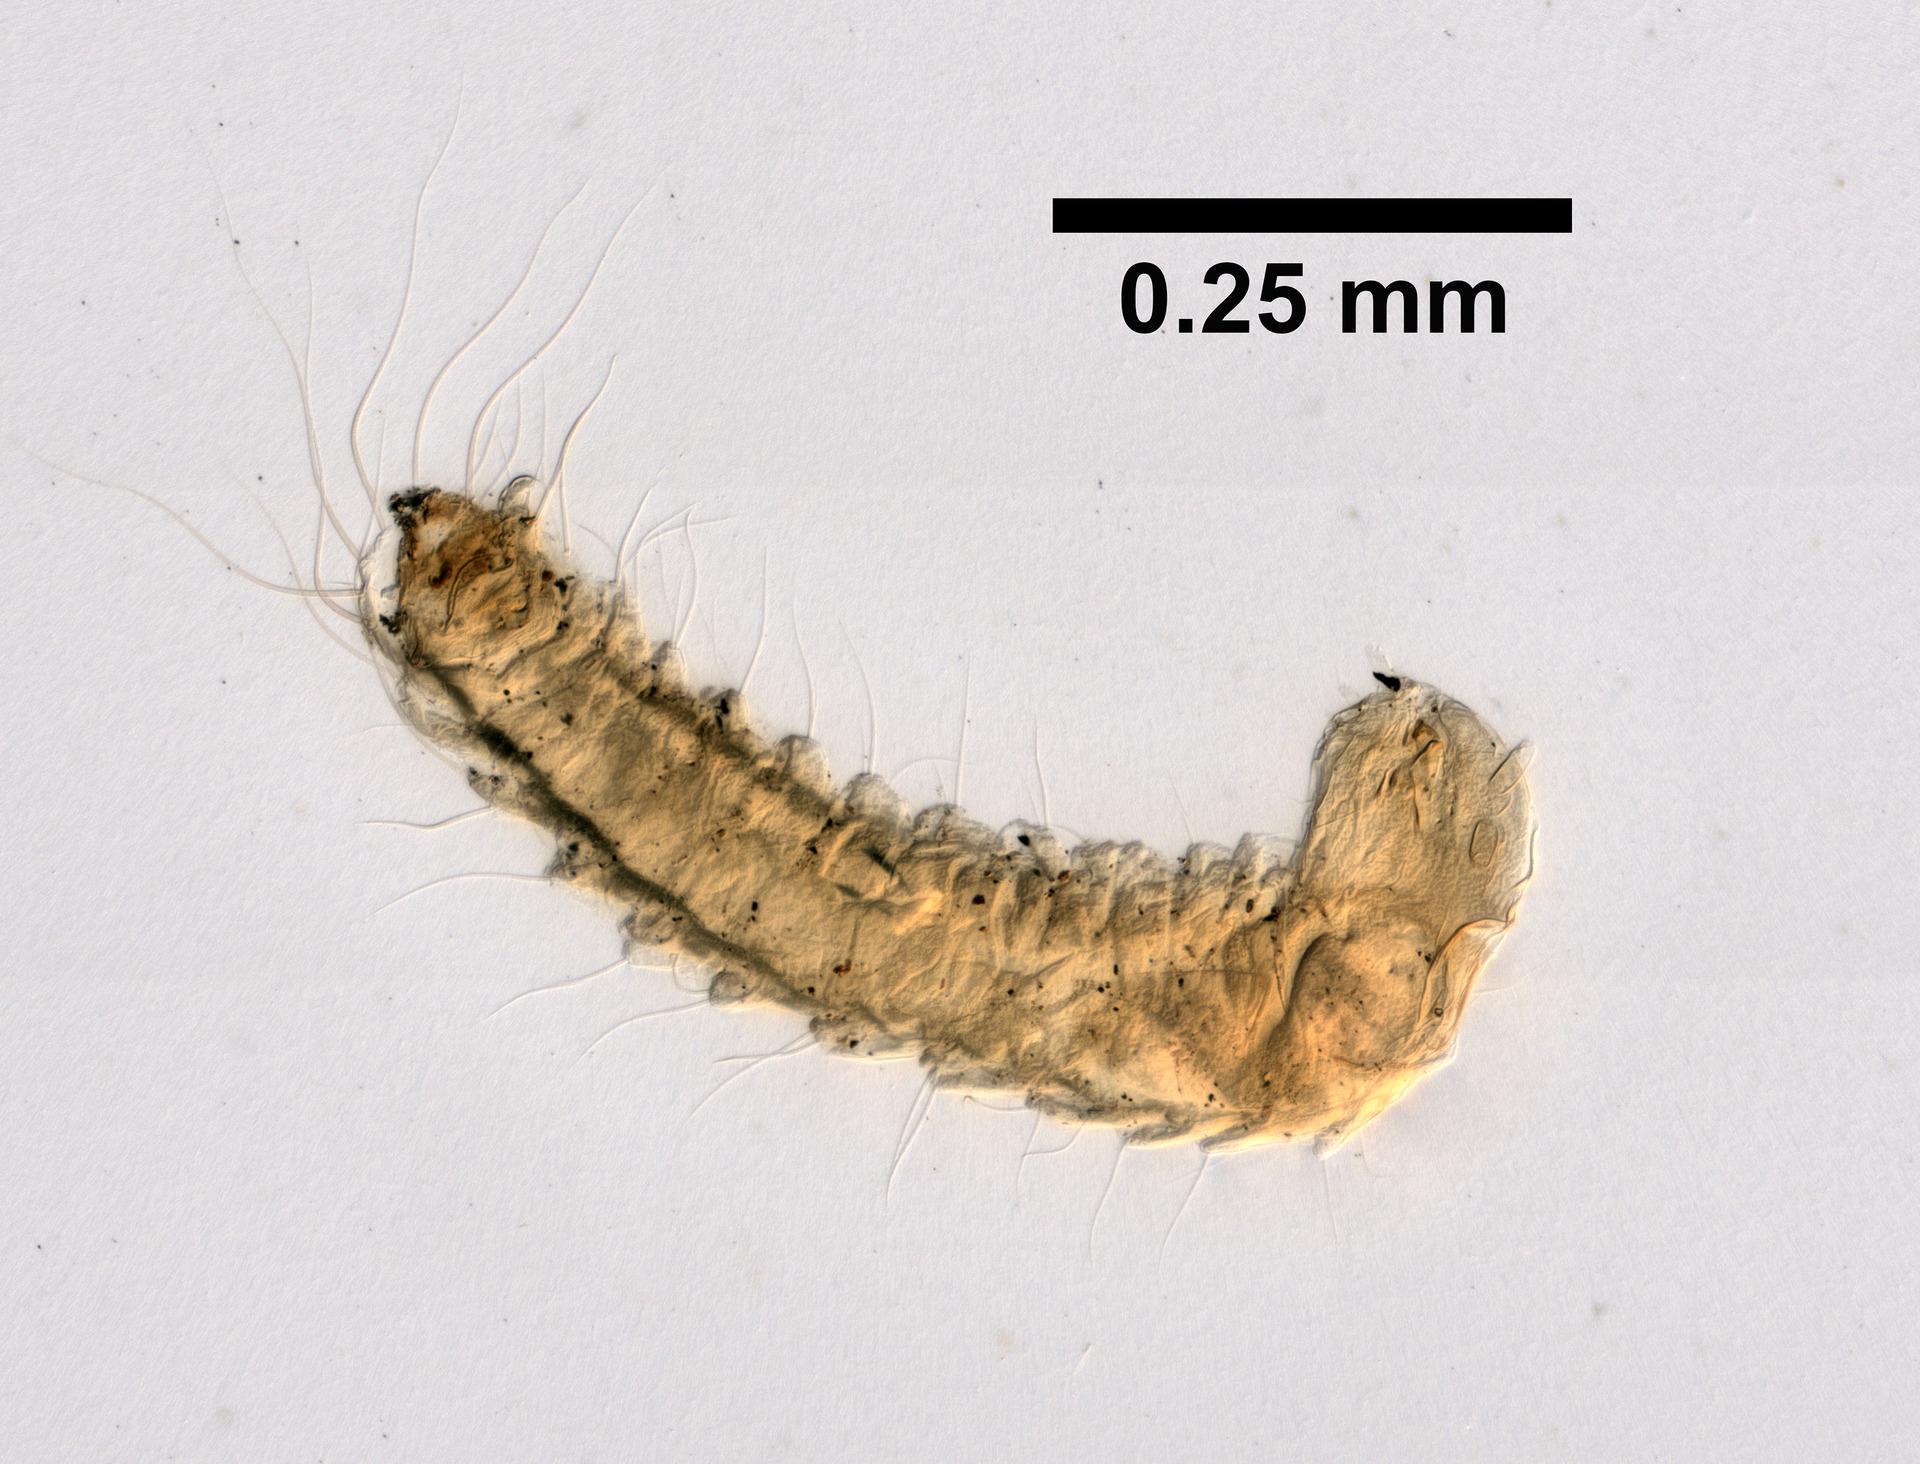 Na mikrofotografii je beznohá larva blechy krémové barvy